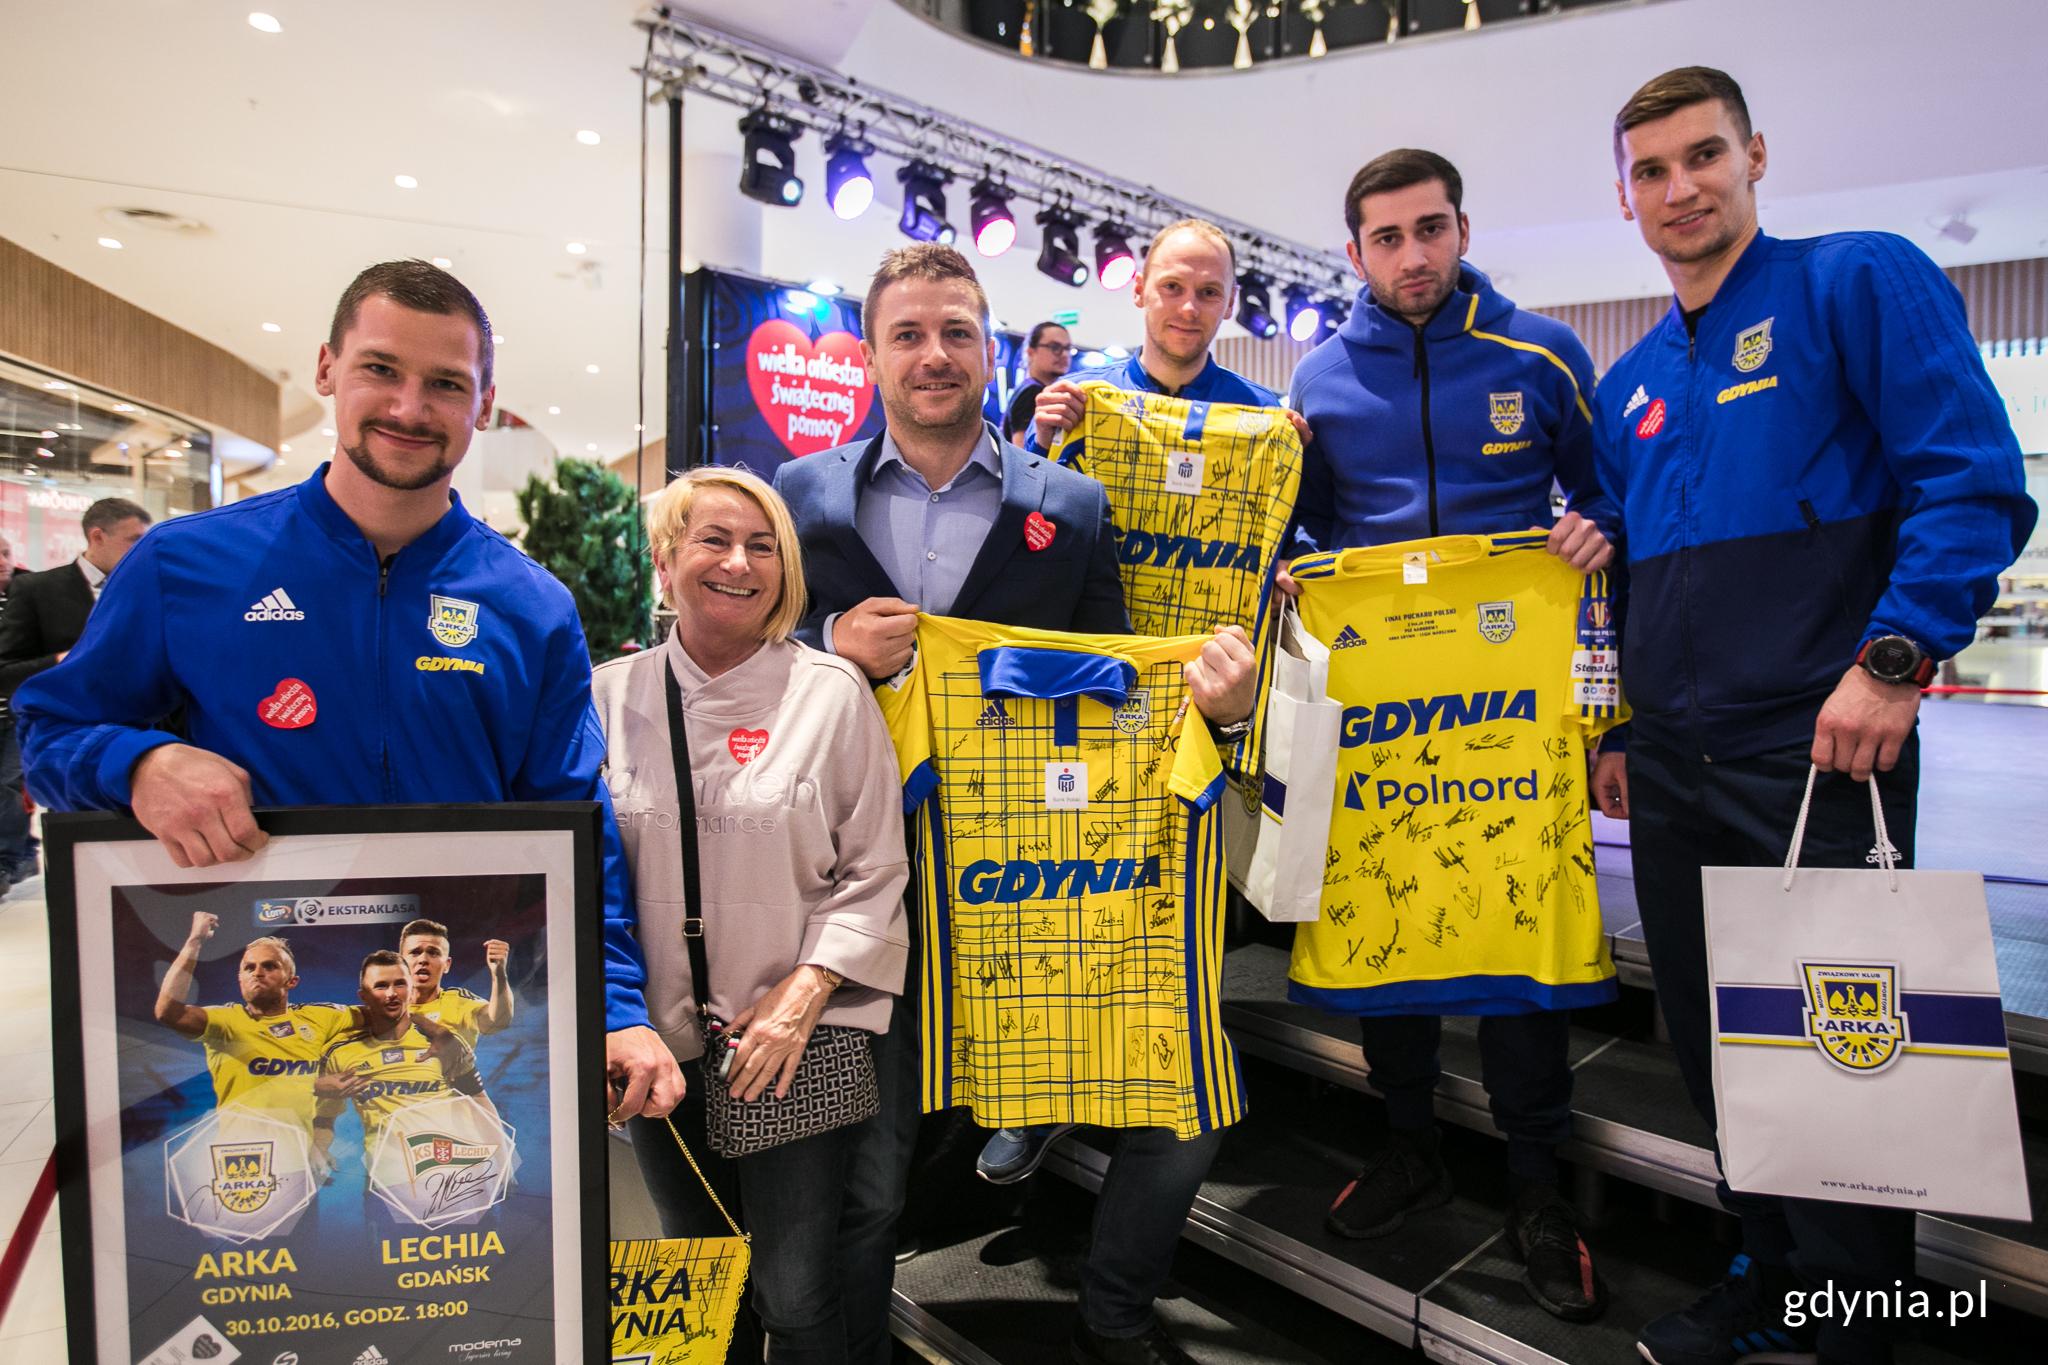 Piłkarze Arki Gdynia uczestniczyli w sobotnich licytacjach, fot. Karol Stańczak